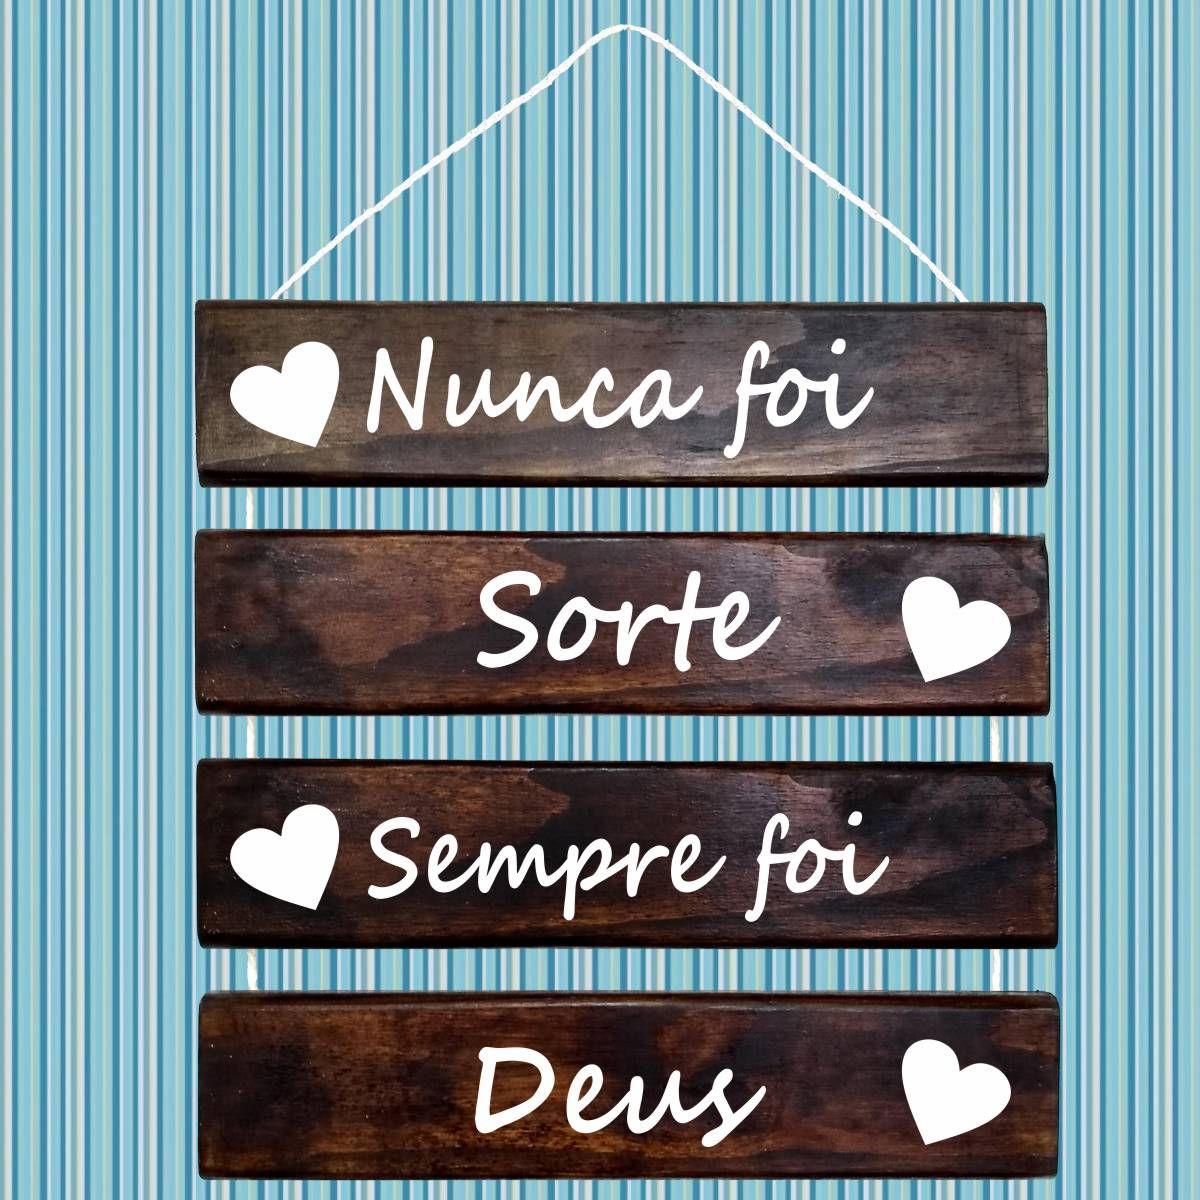 Placa Decorativa Madeira Rústica Corda Sisal Nunca Foi Sorte, Sempre Foi Deus